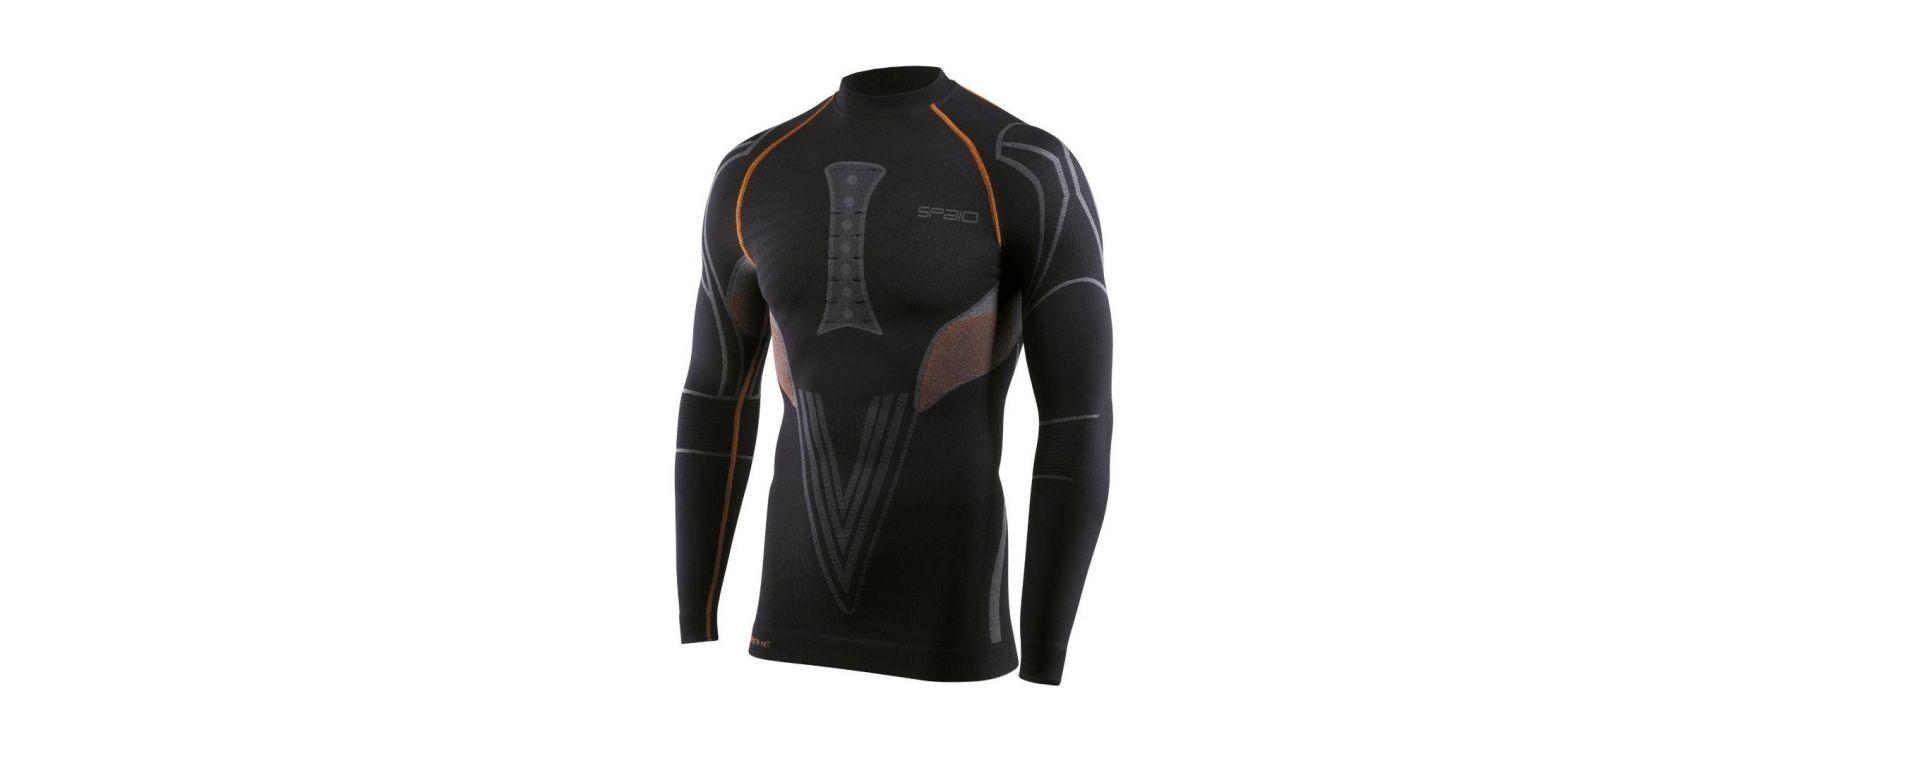 Spaio maglia Extreme, per uomo, maniche lunghe, nero/grigio